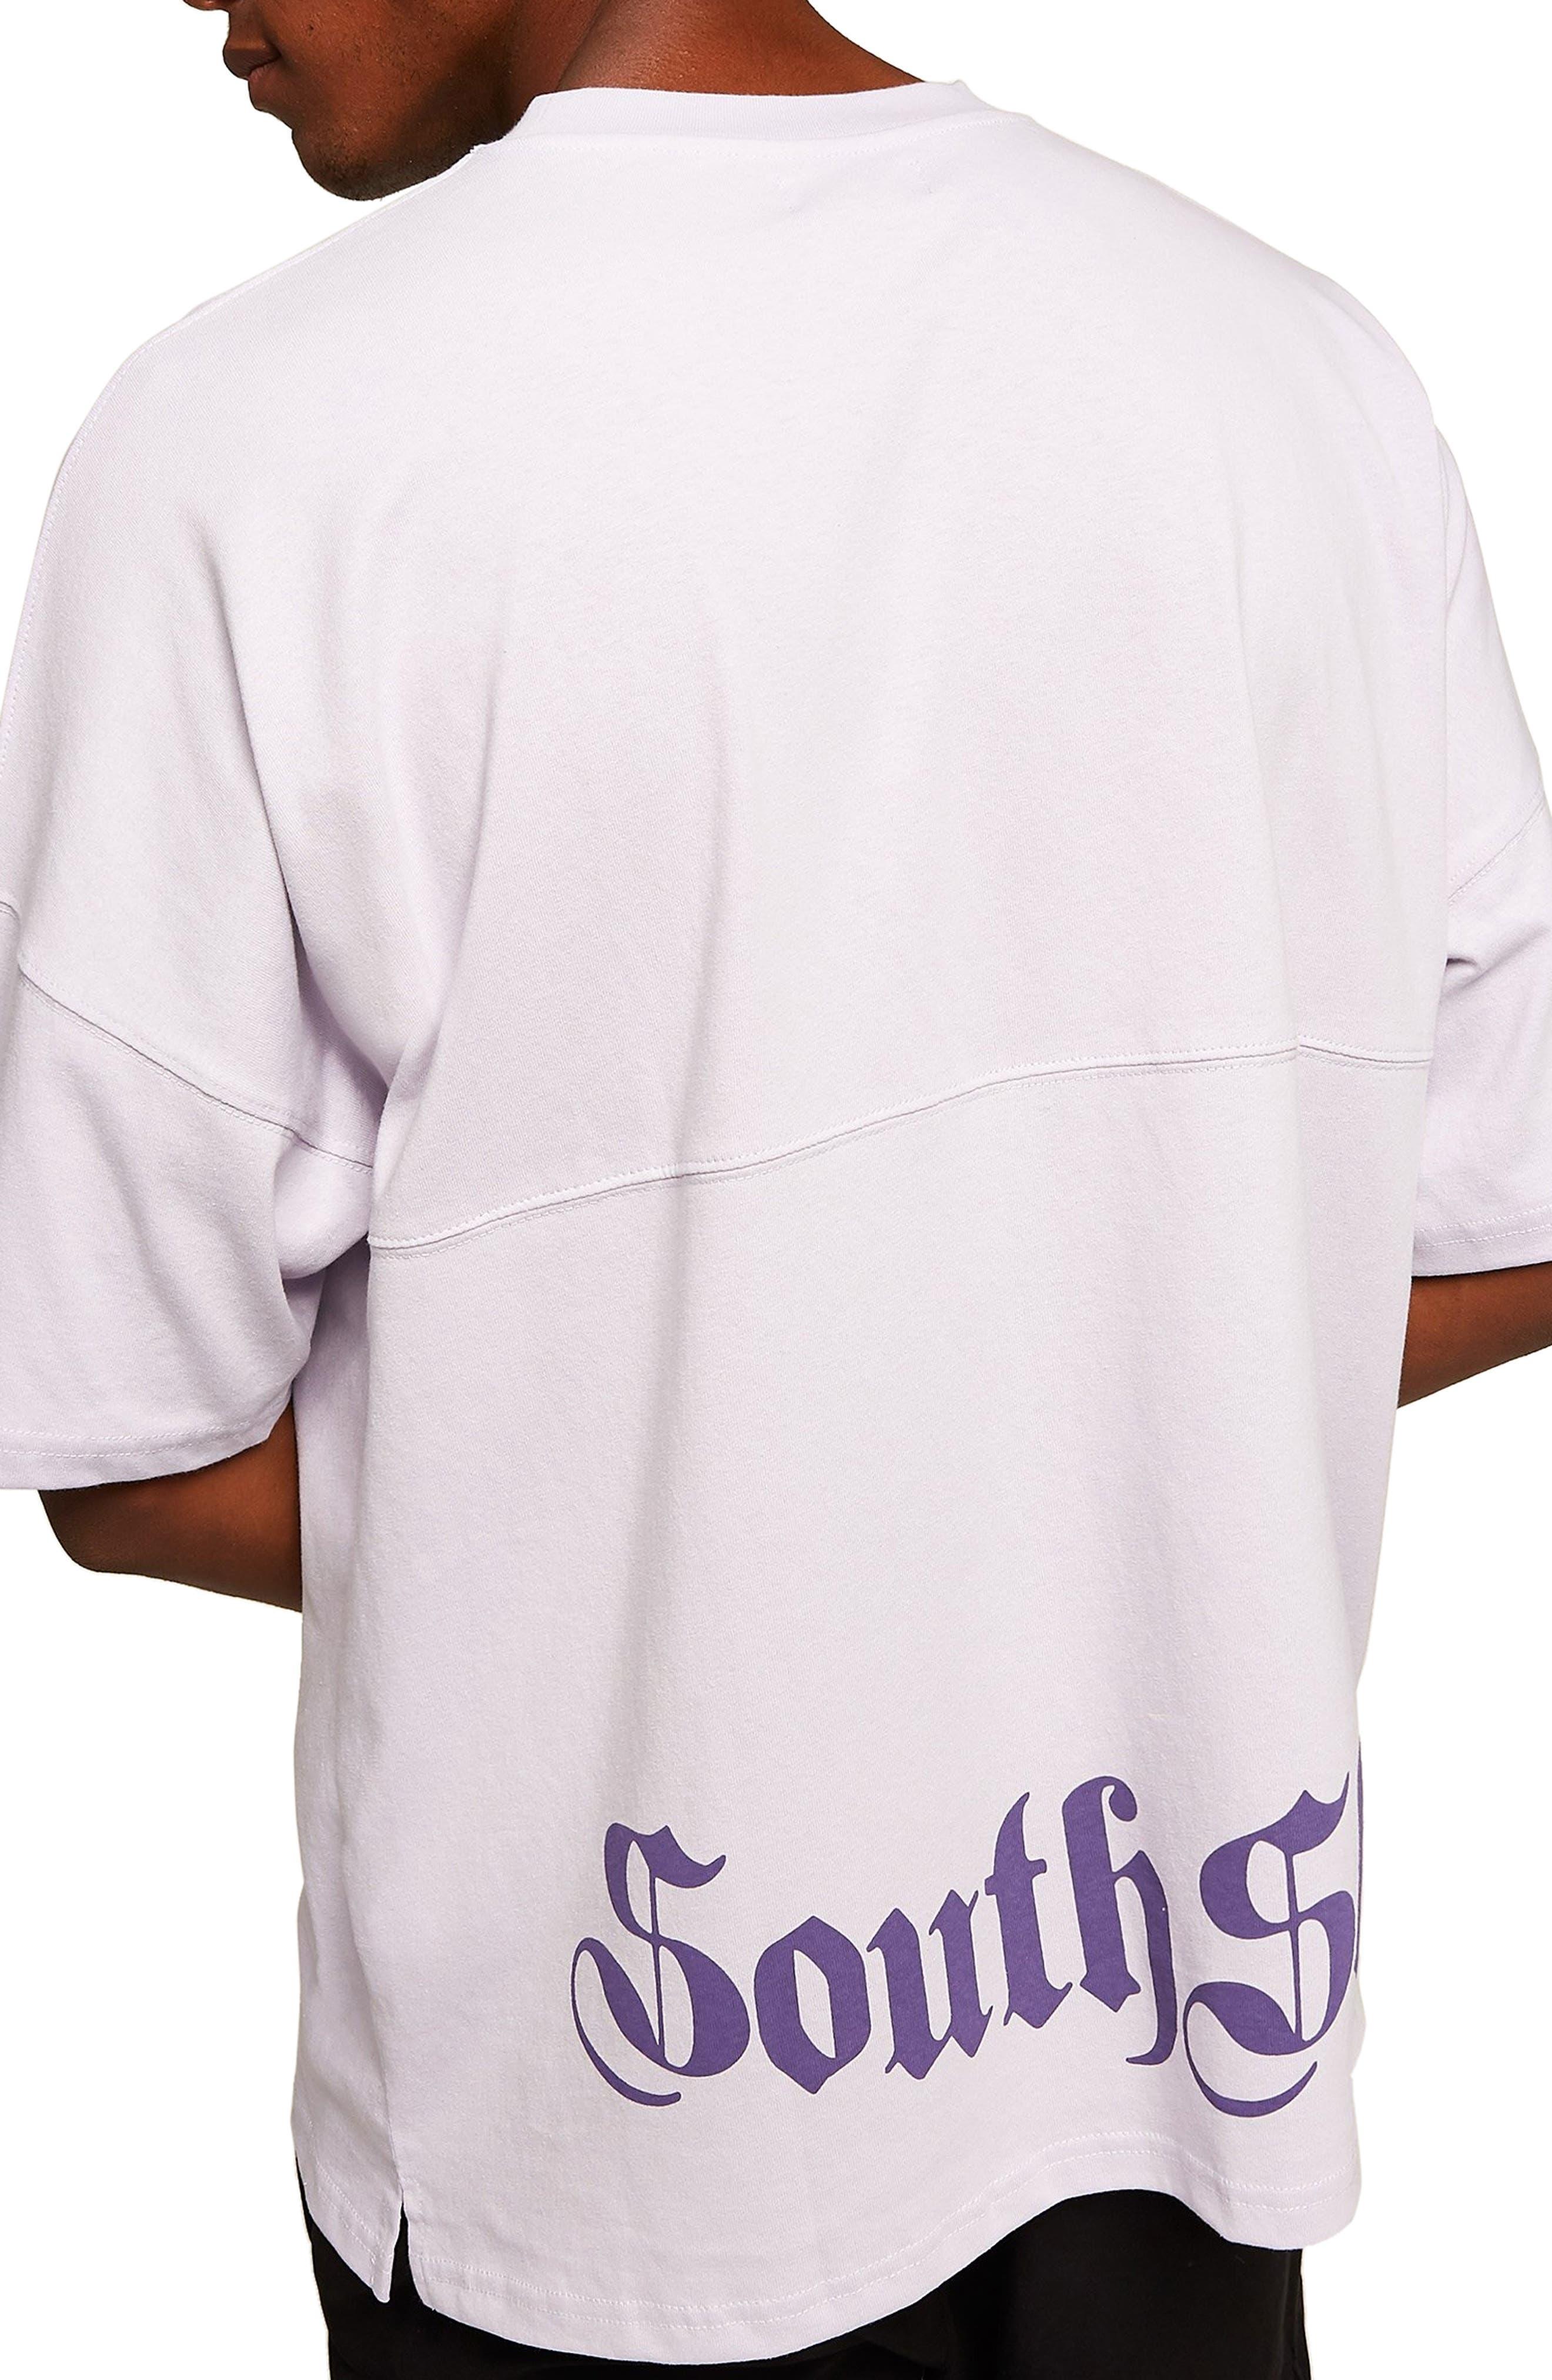 Southshore Oversize T-Shirt,                             Alternate thumbnail 2, color,                             PURPLE